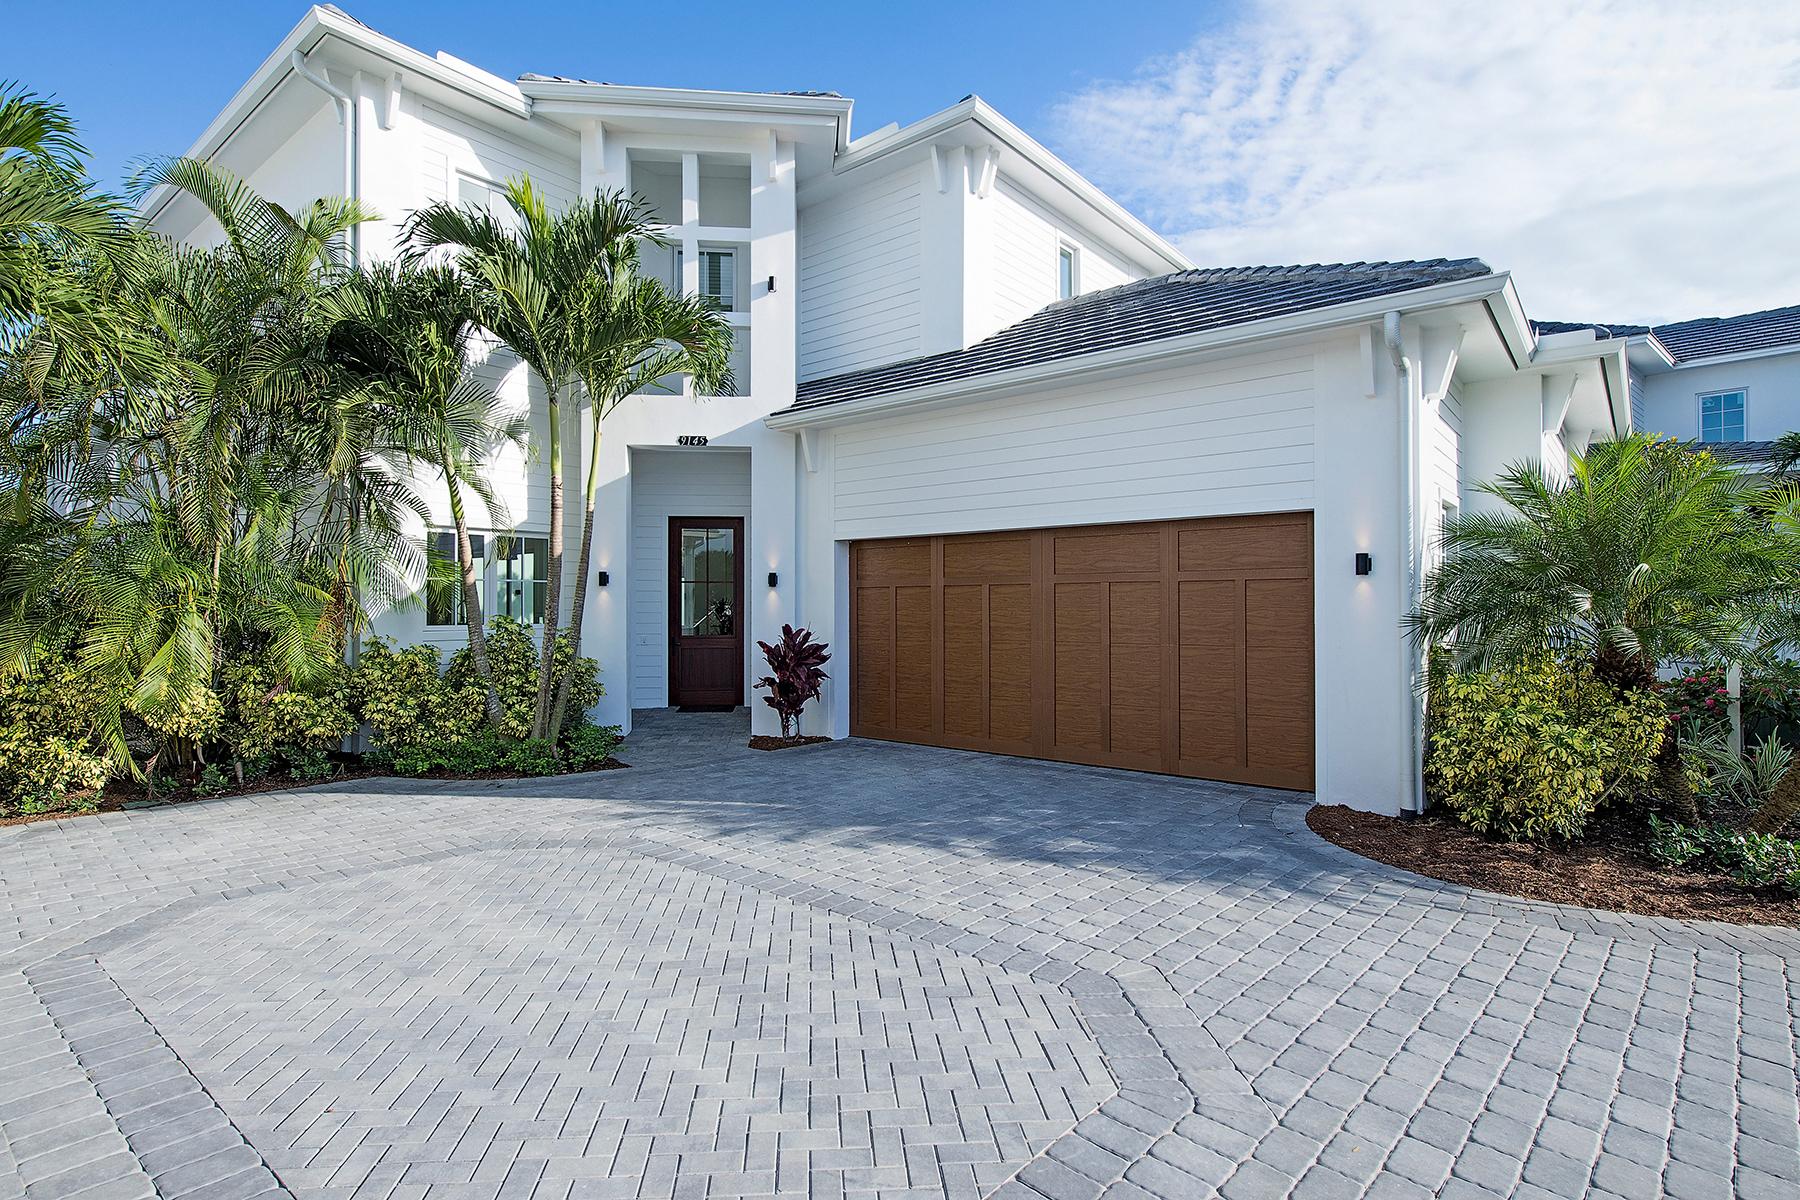 Частный односемейный дом для того Продажа на MERCATO 9145 Mercato Way Naples, Флорида 34108 Соединенные Штаты